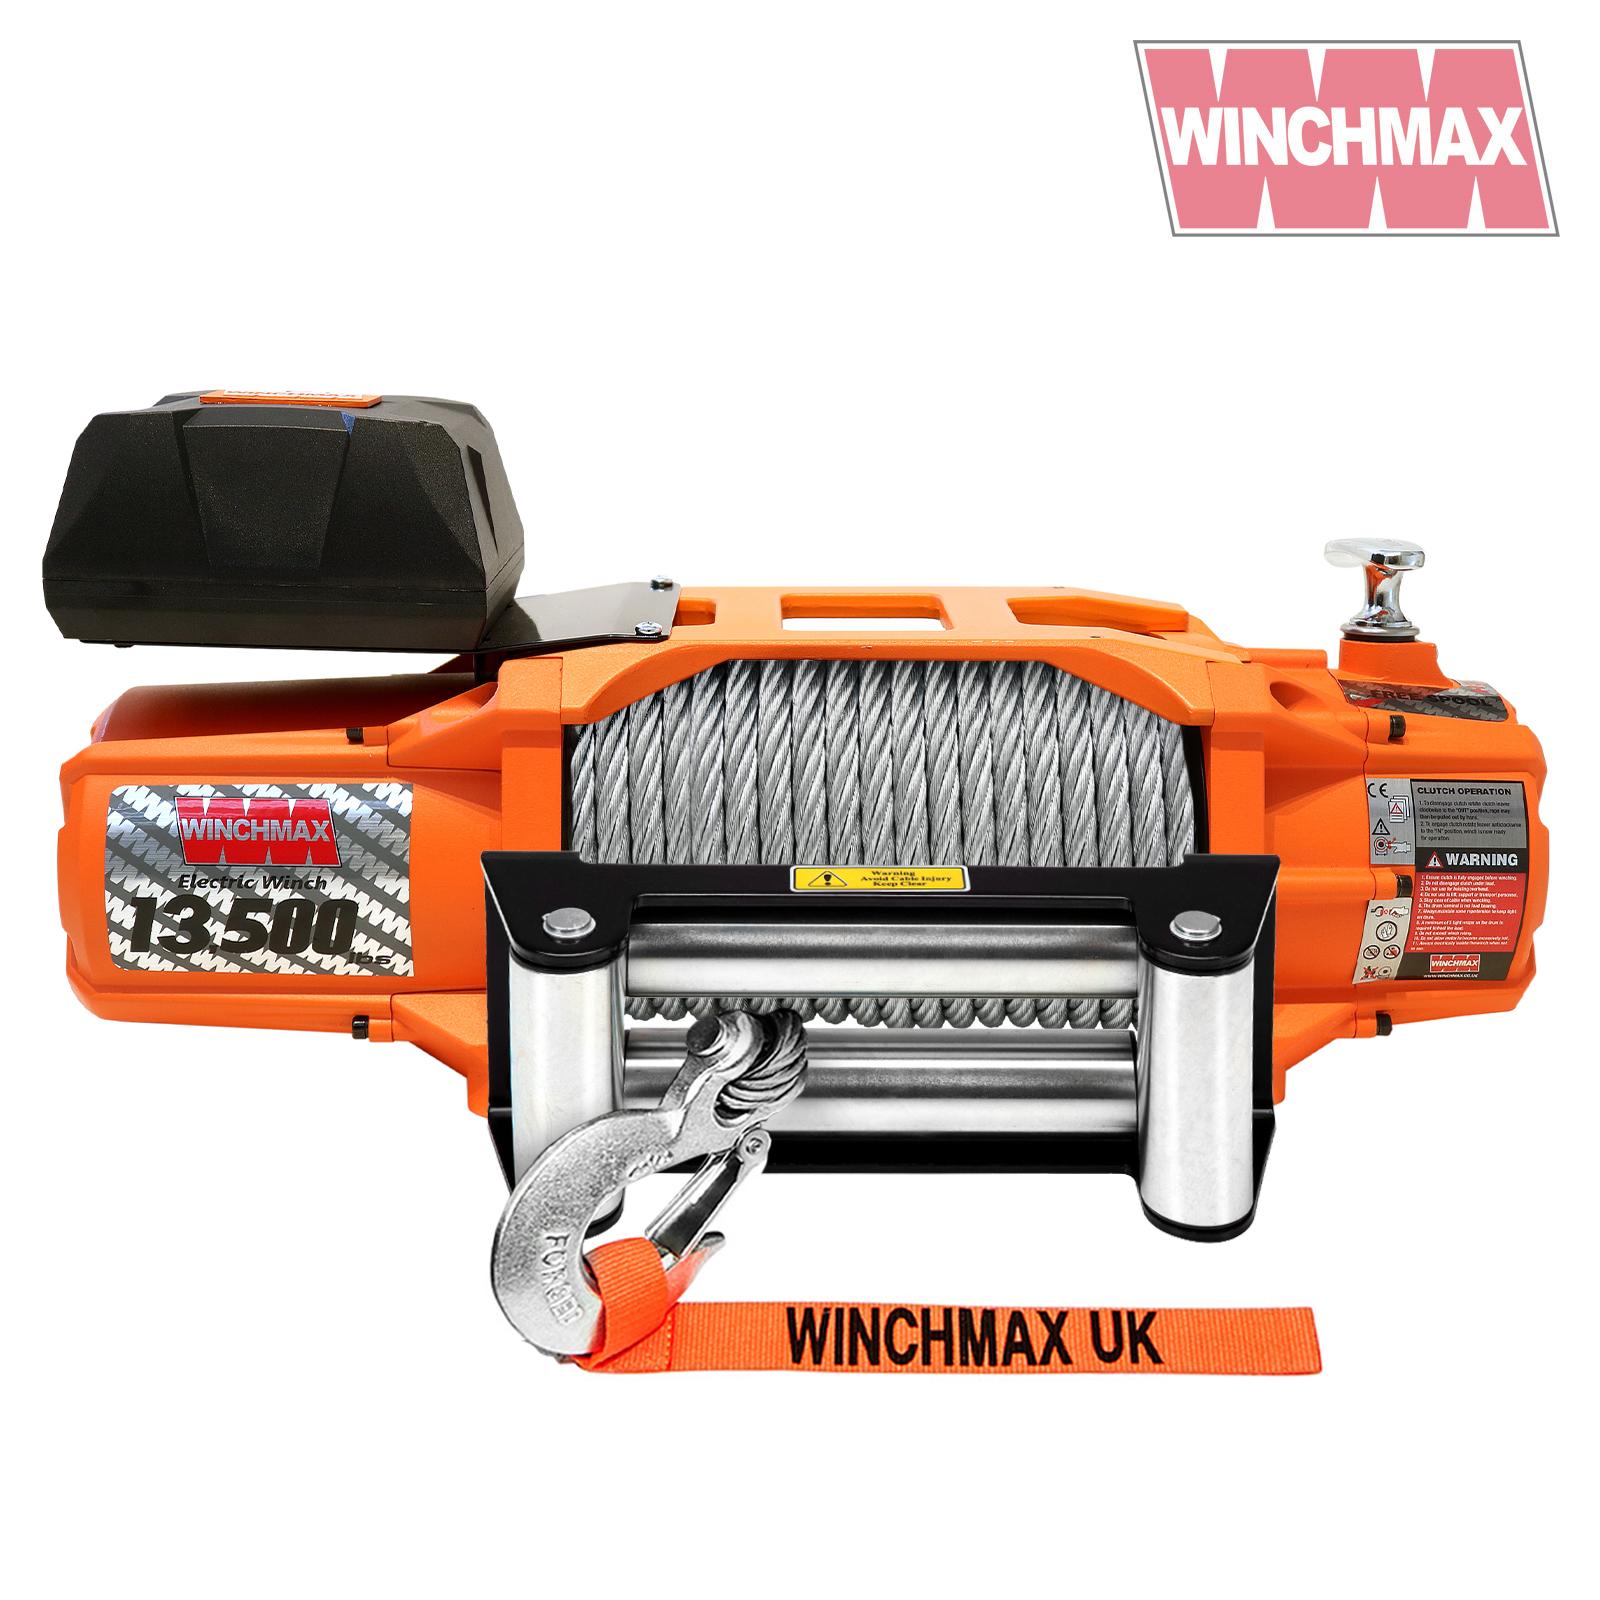 Wmsl1350024v control box 2